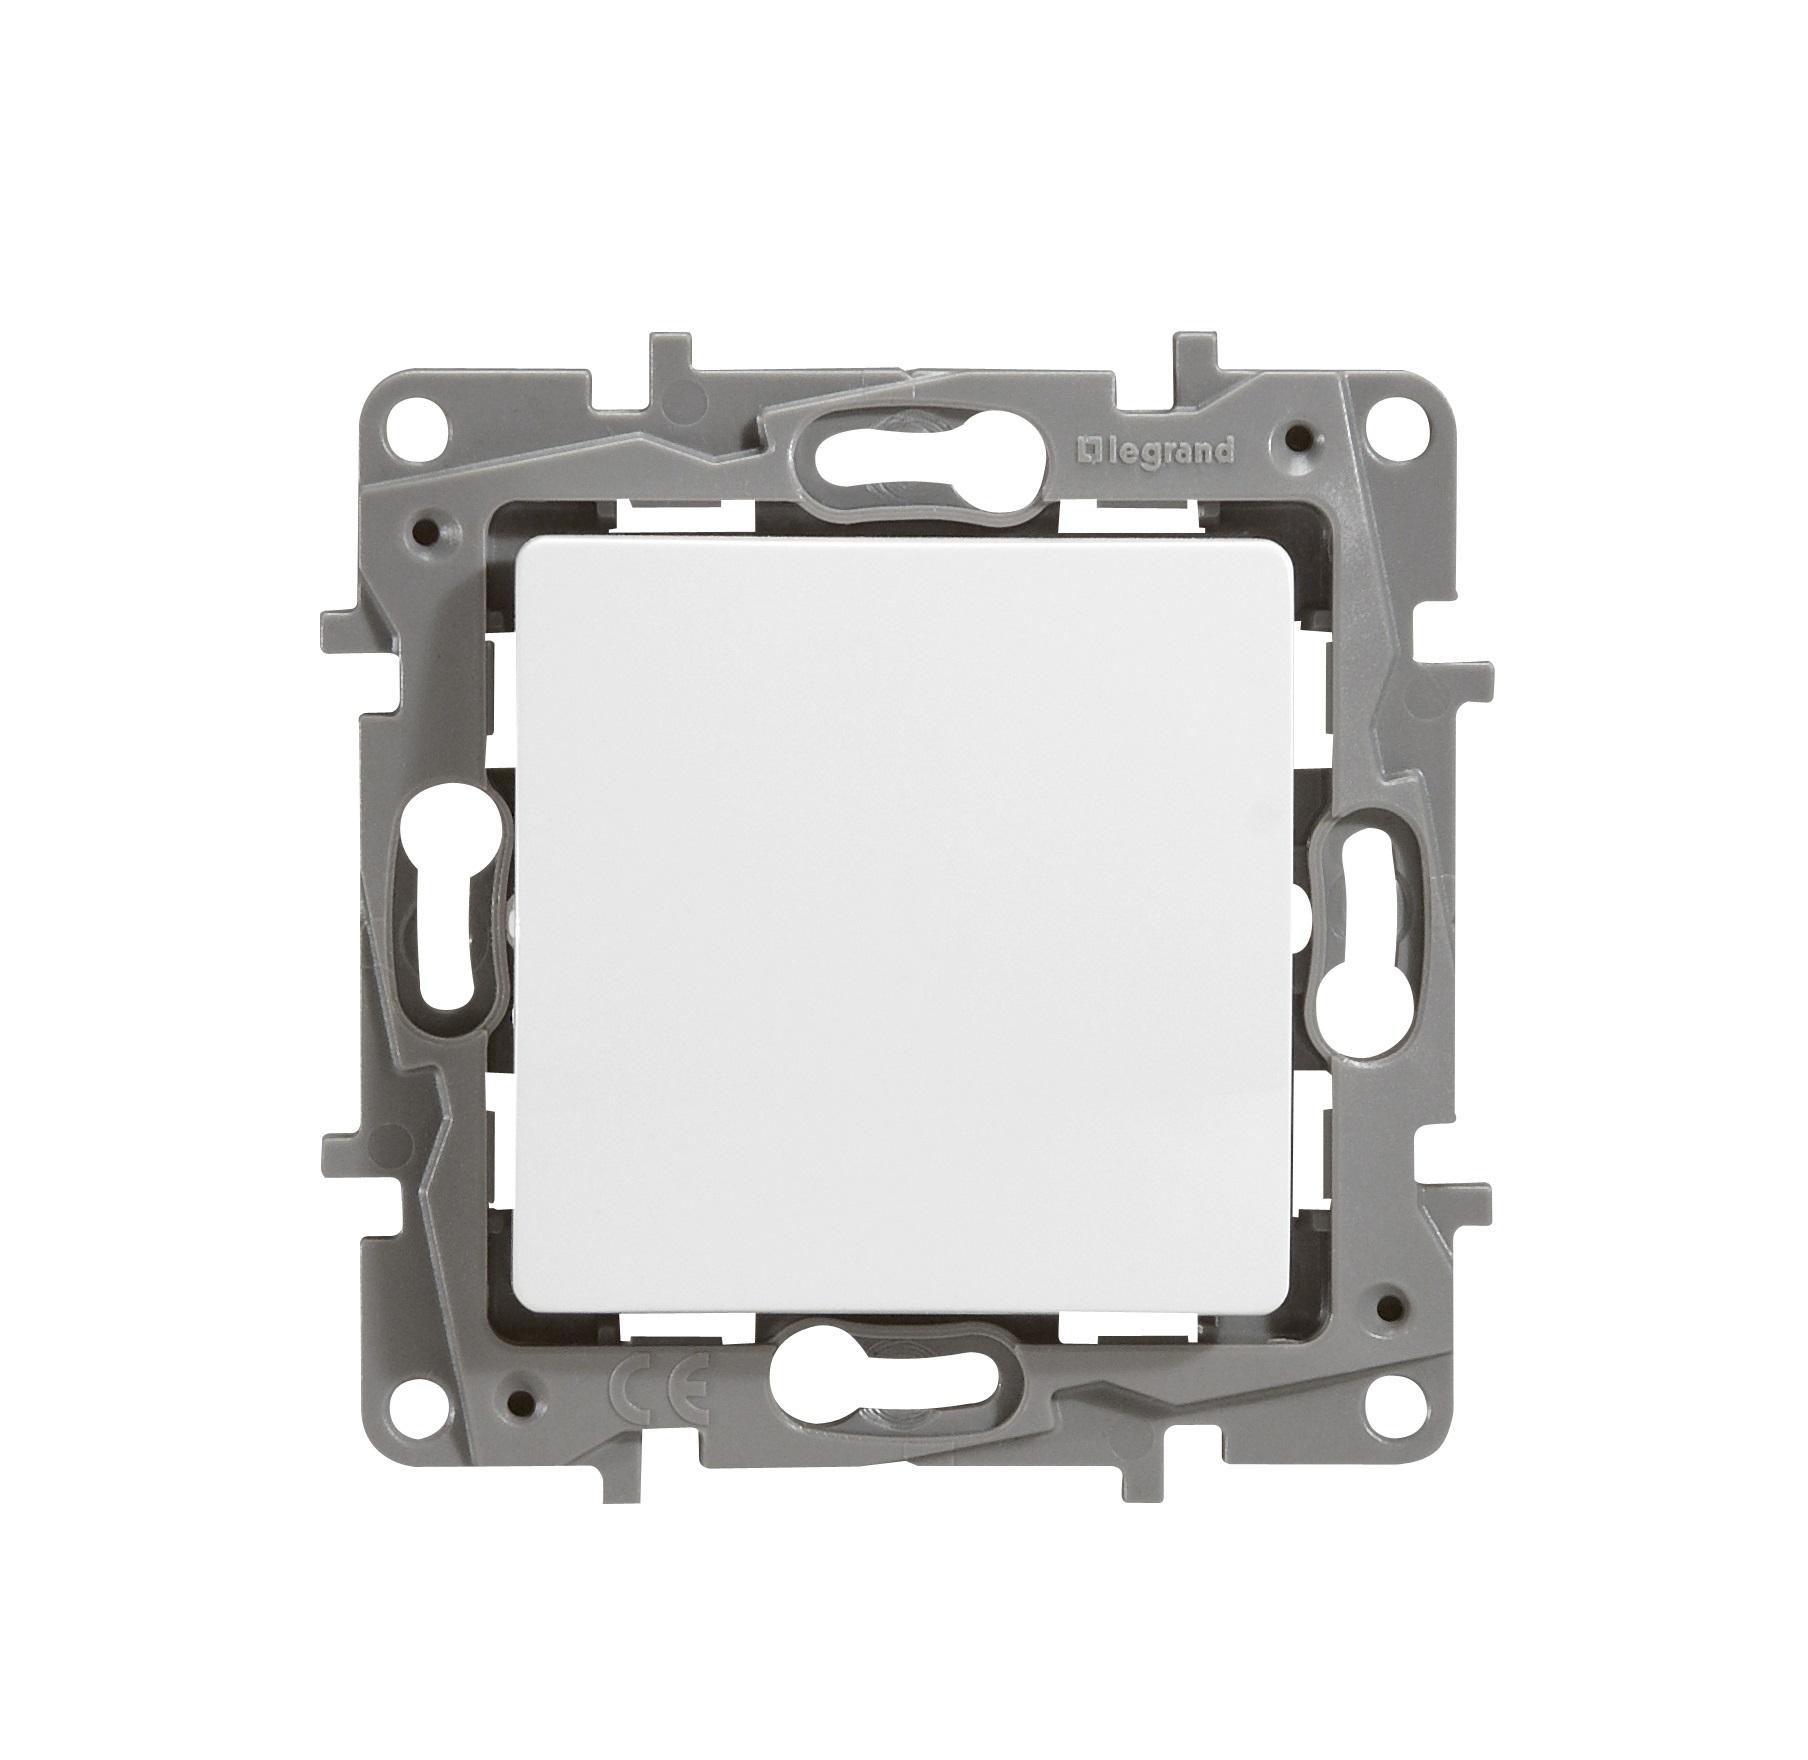 Механизм выключателя Legrand 1066871 выключатель legrand quteo 2 клавишный серый 782332